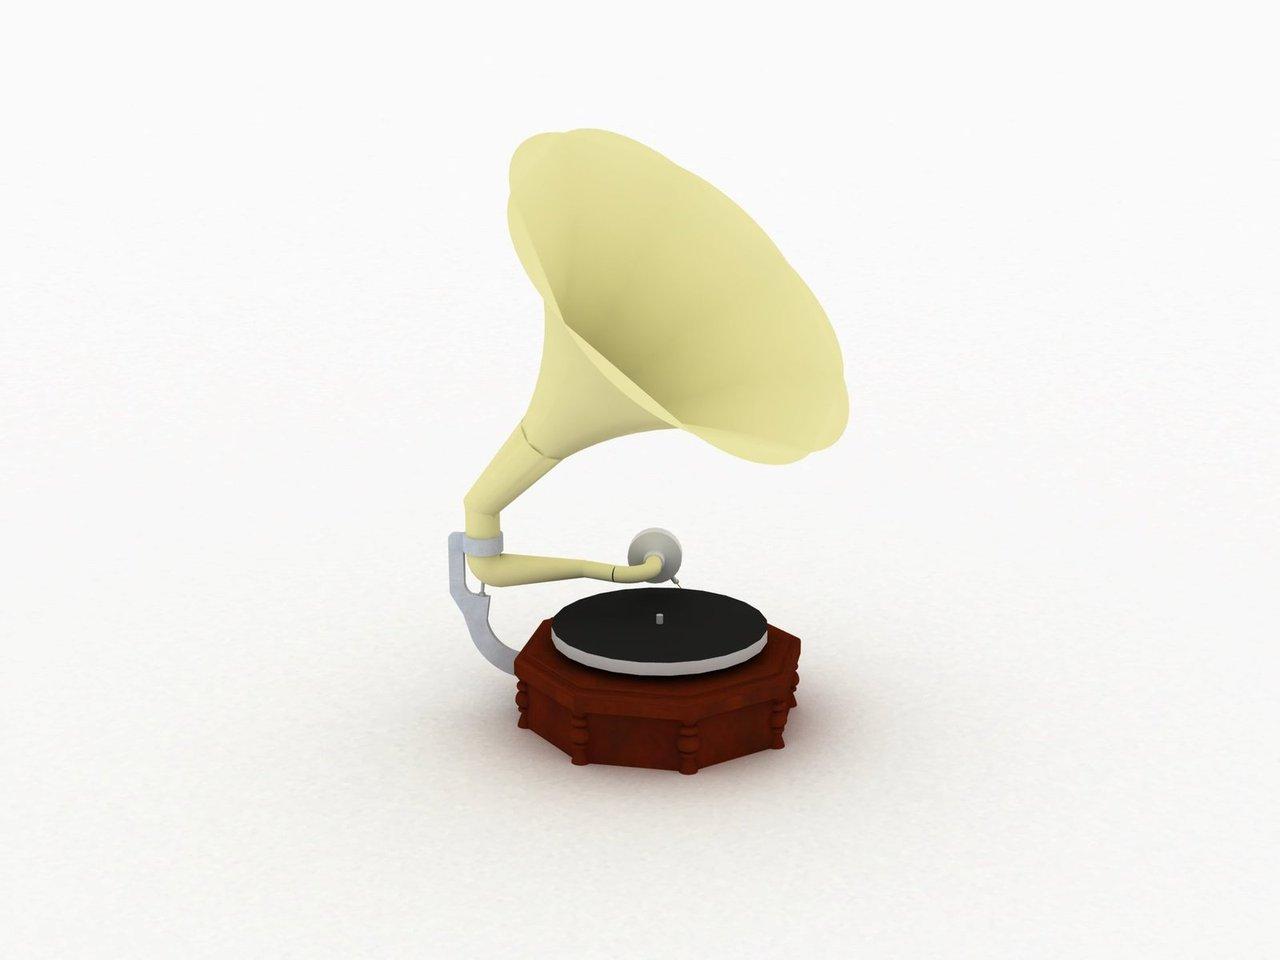 Gramofon – Jak czyścić i o niego dbać?